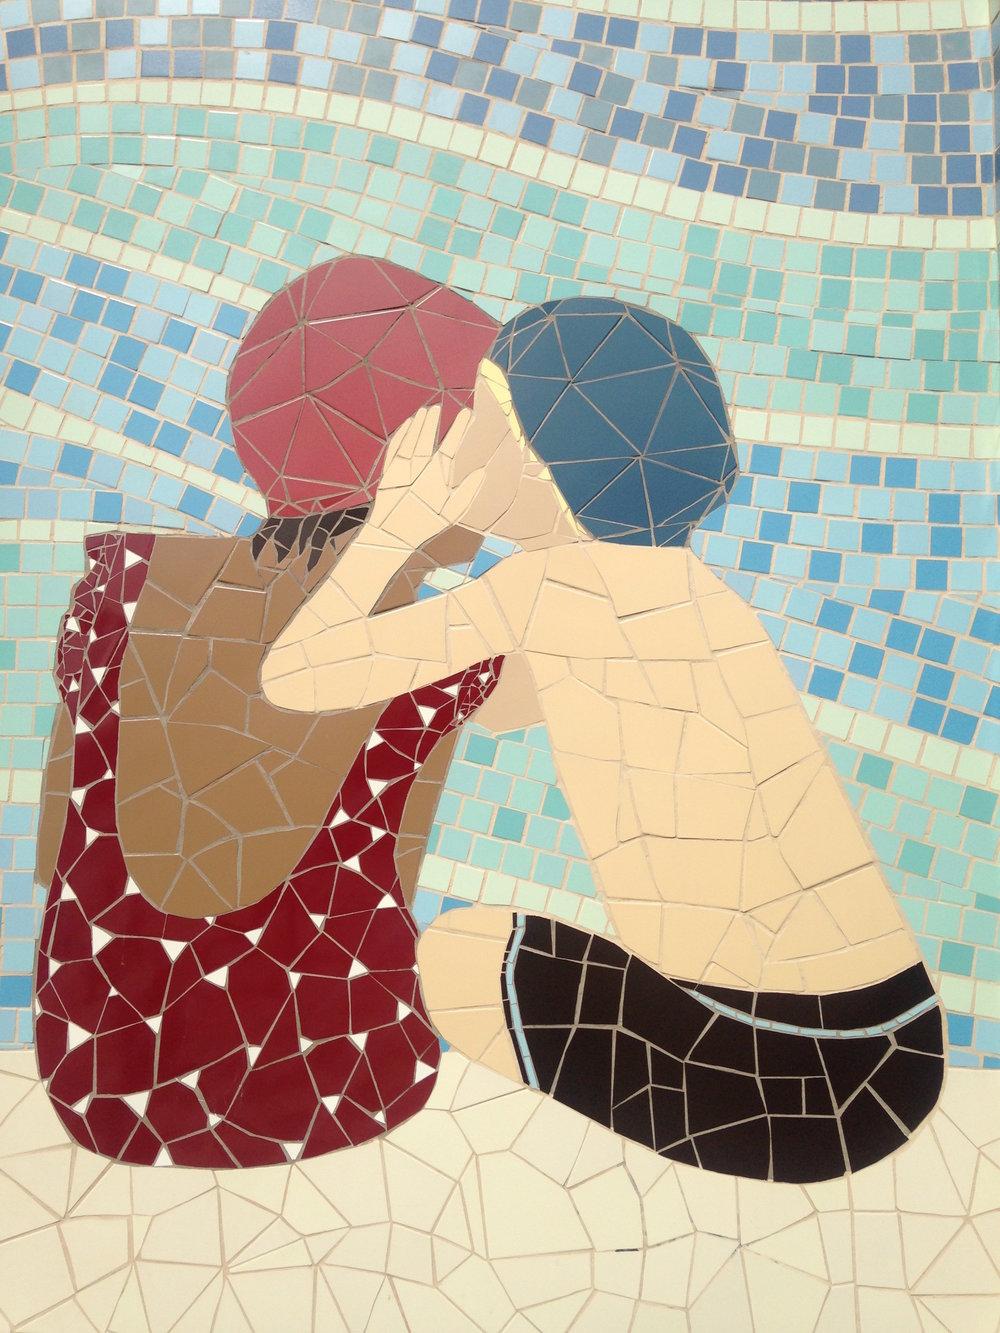 swimming-pool-brussels.jpg